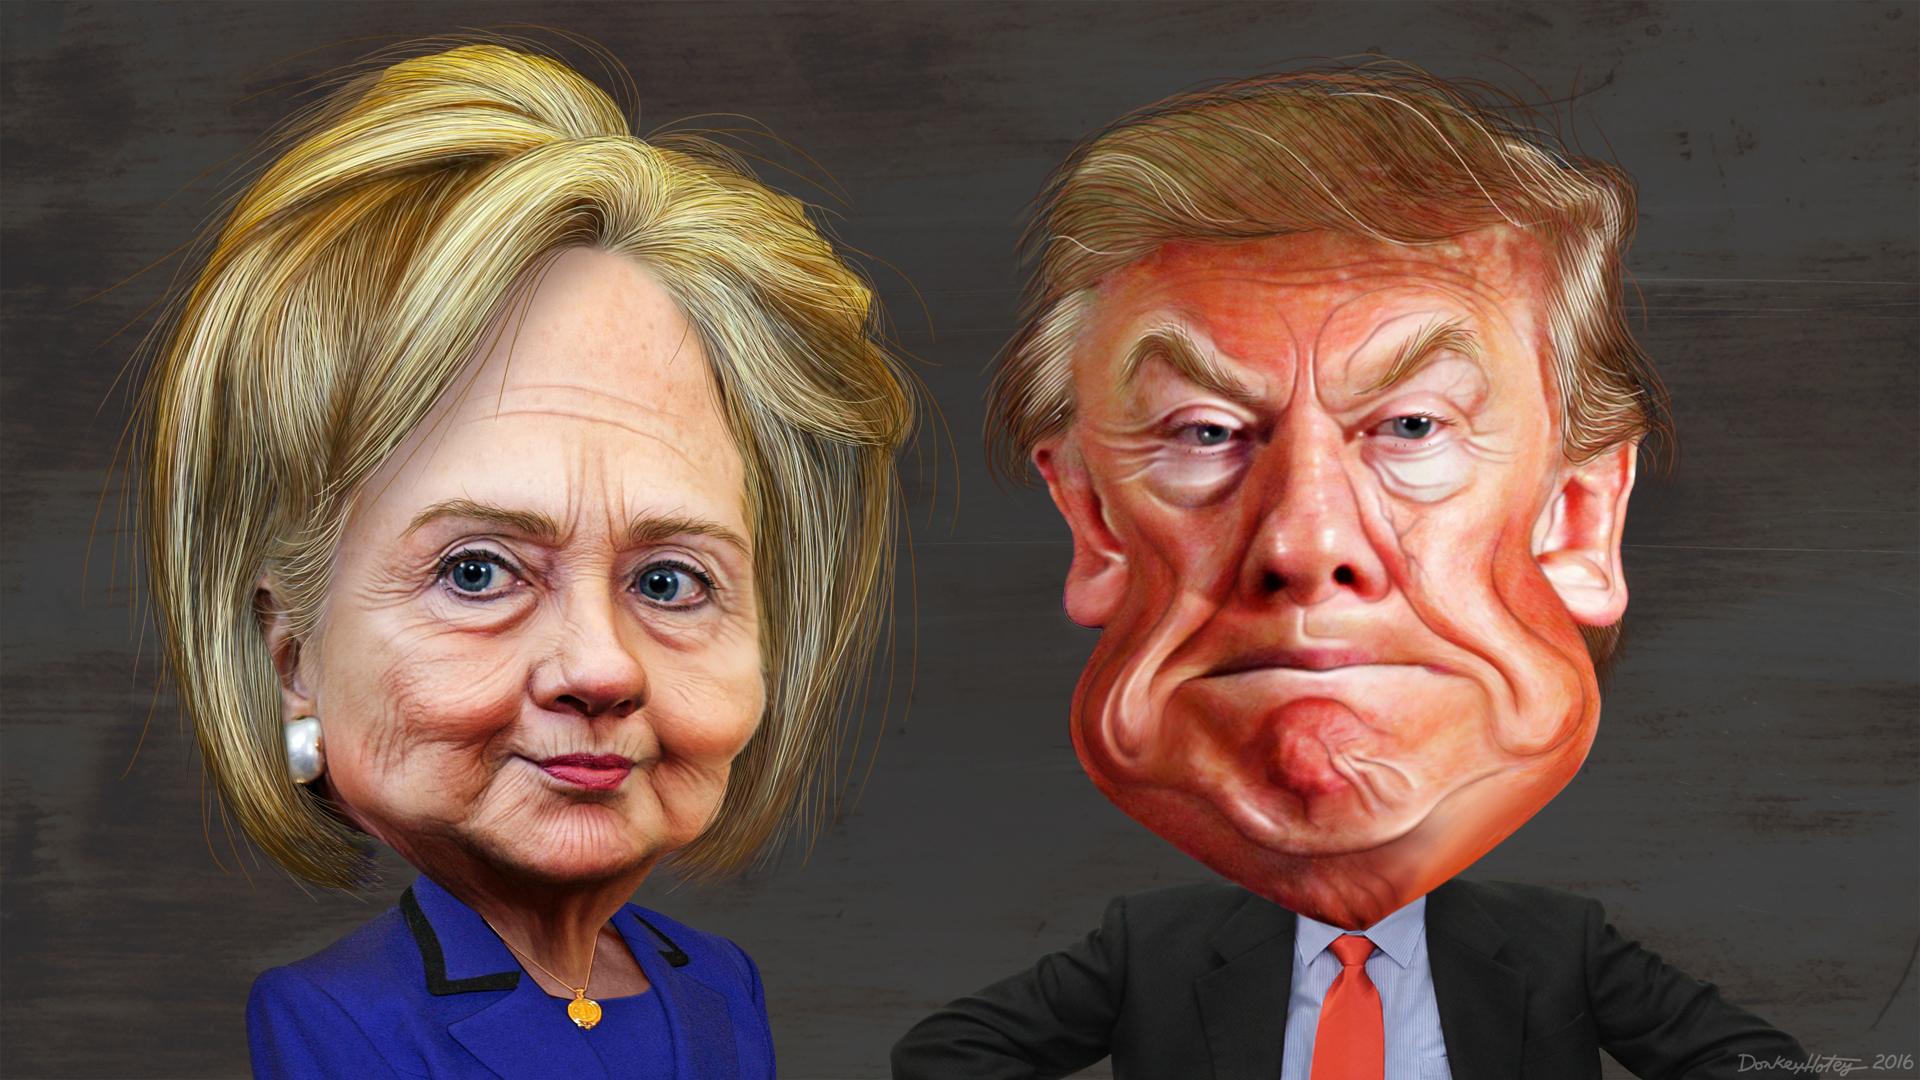 Elezioni Usa, il rimpianto per quello che sarebbe potuto essere